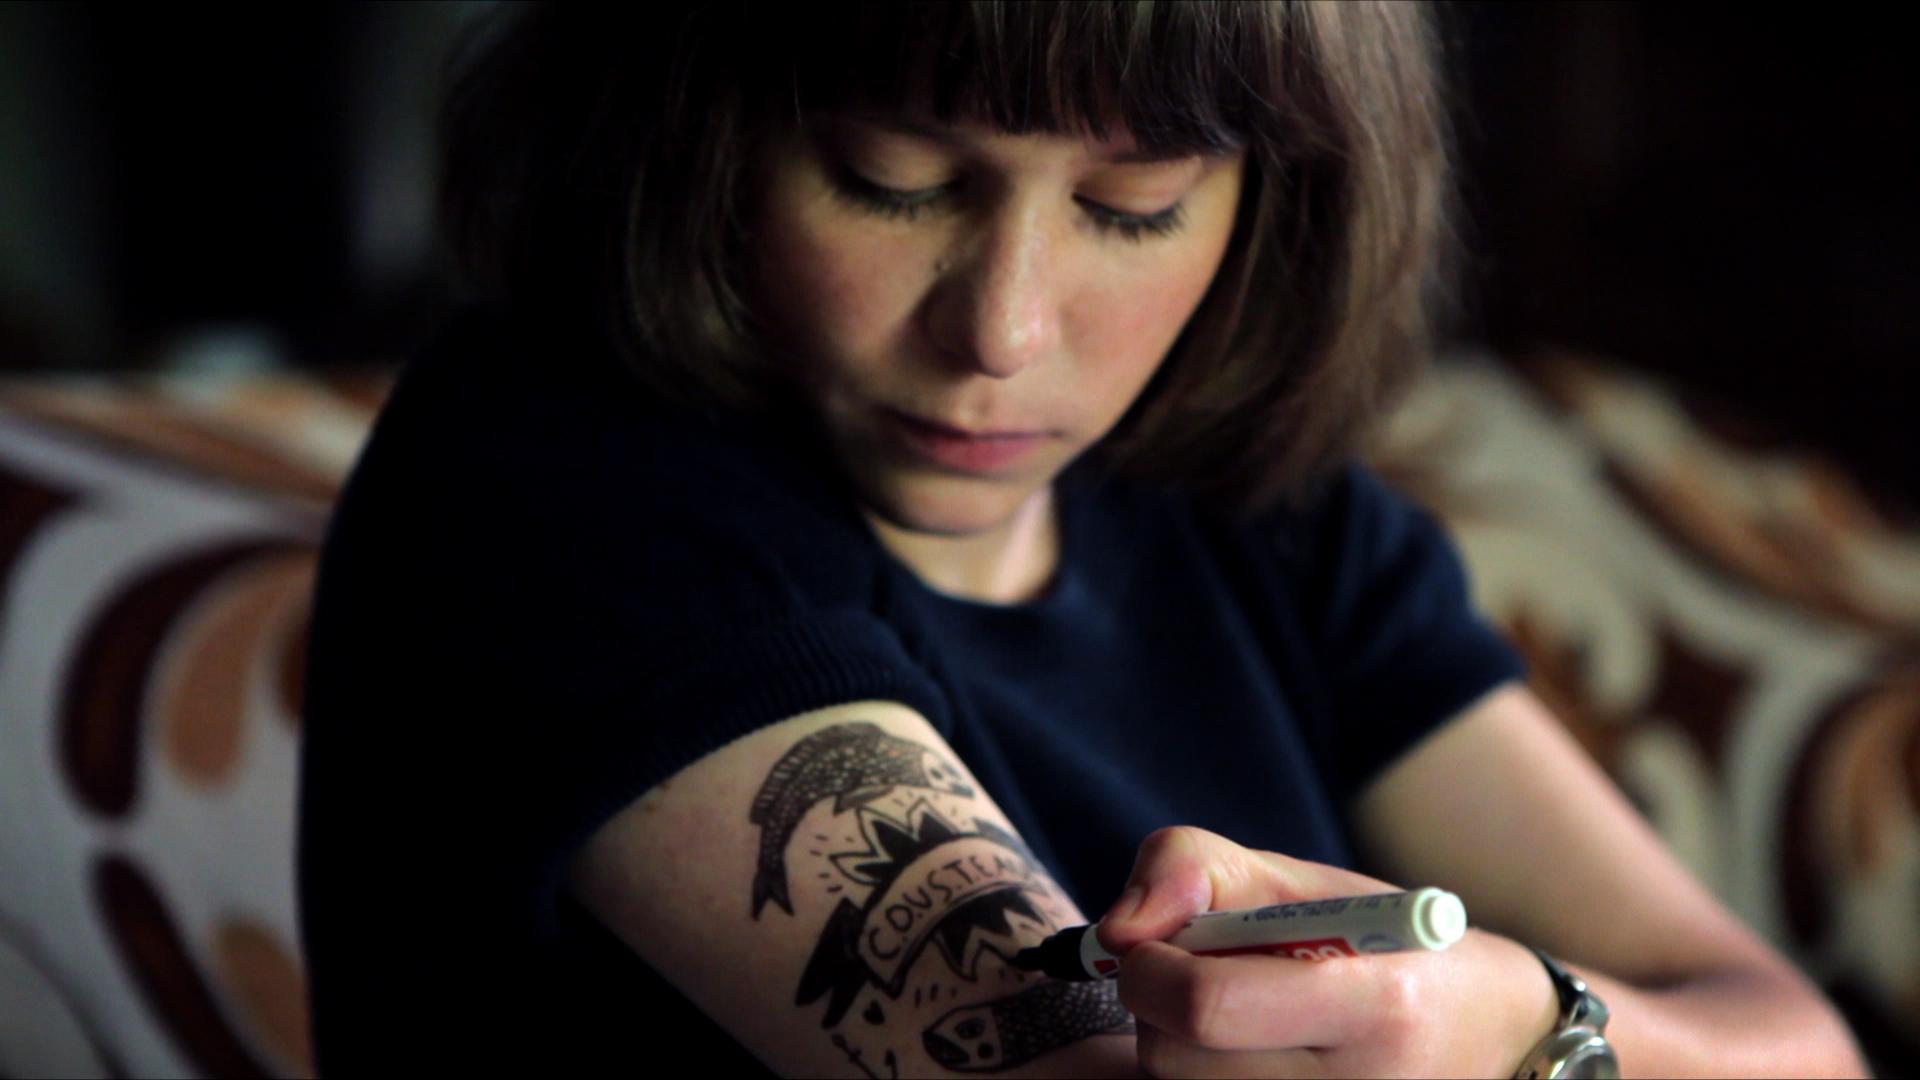 ginette tatouage